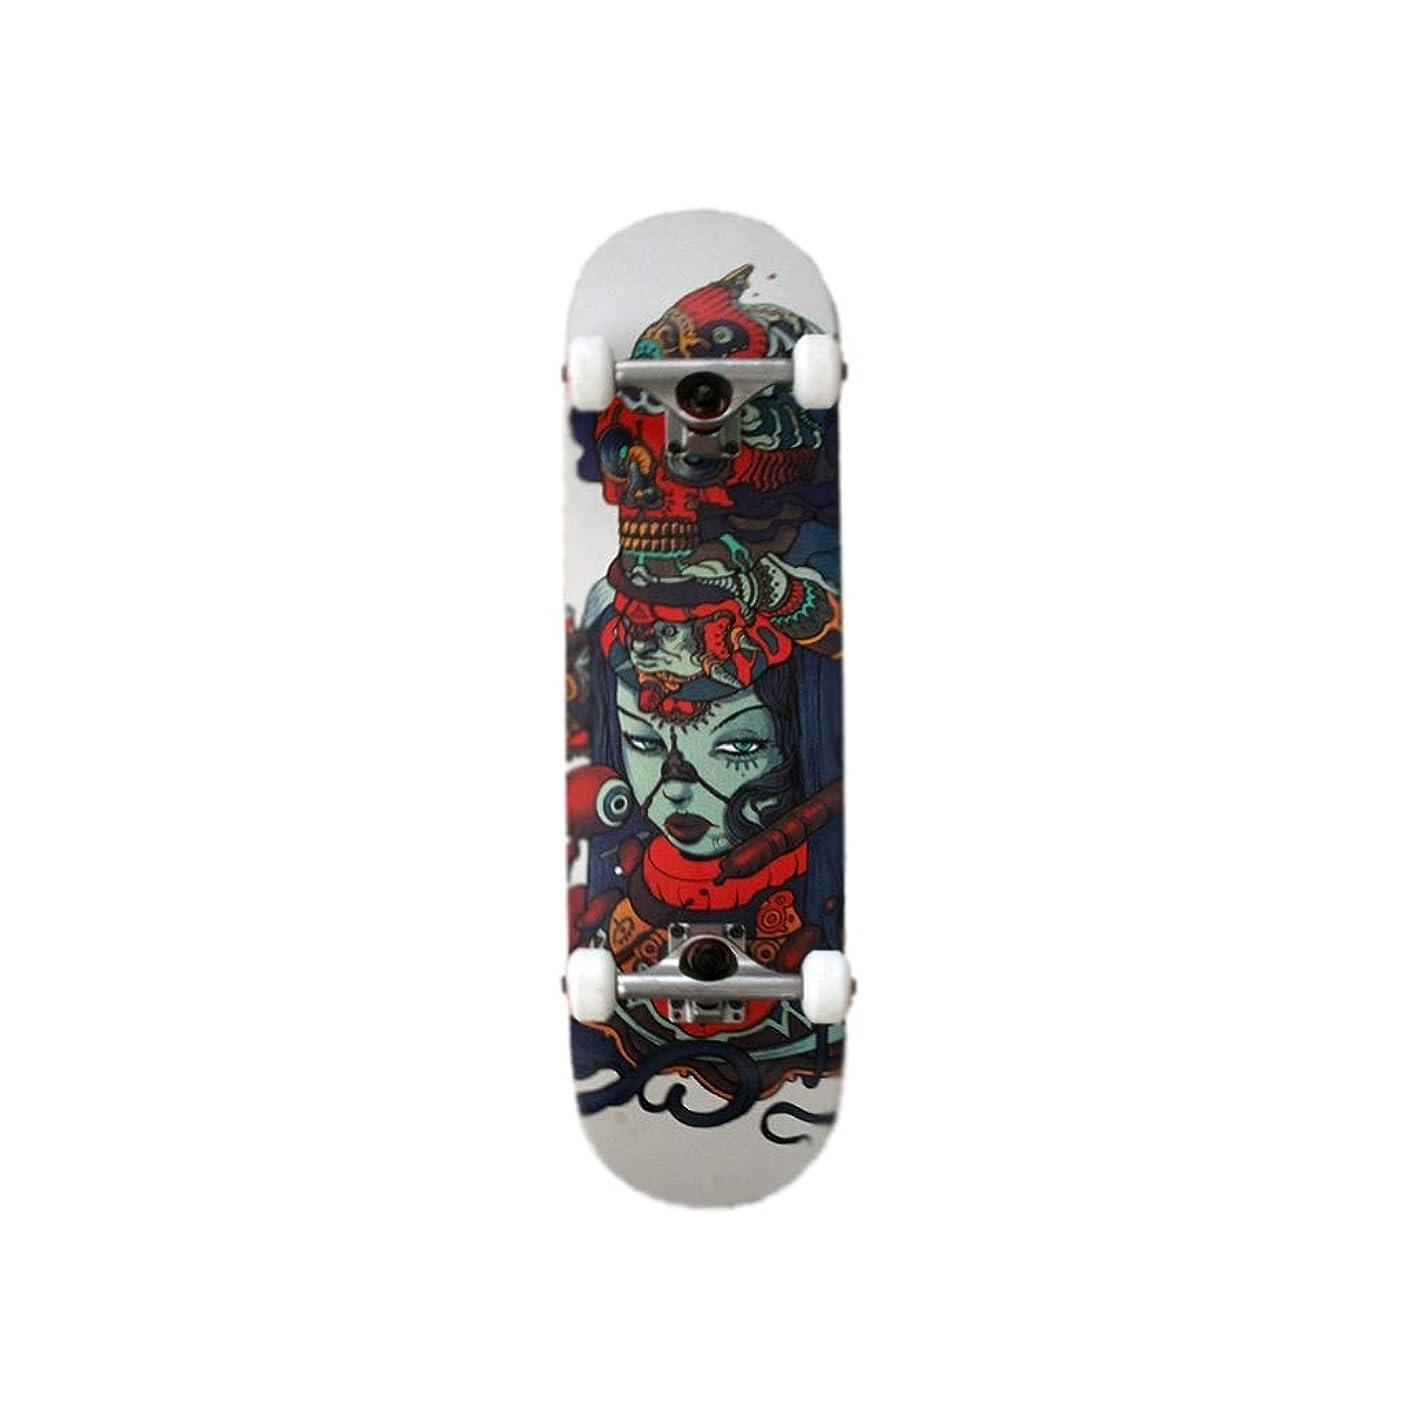 卵福祉カヌーHXGL-スケートボード 子供向けのダブルキック凹面デザインの31.5